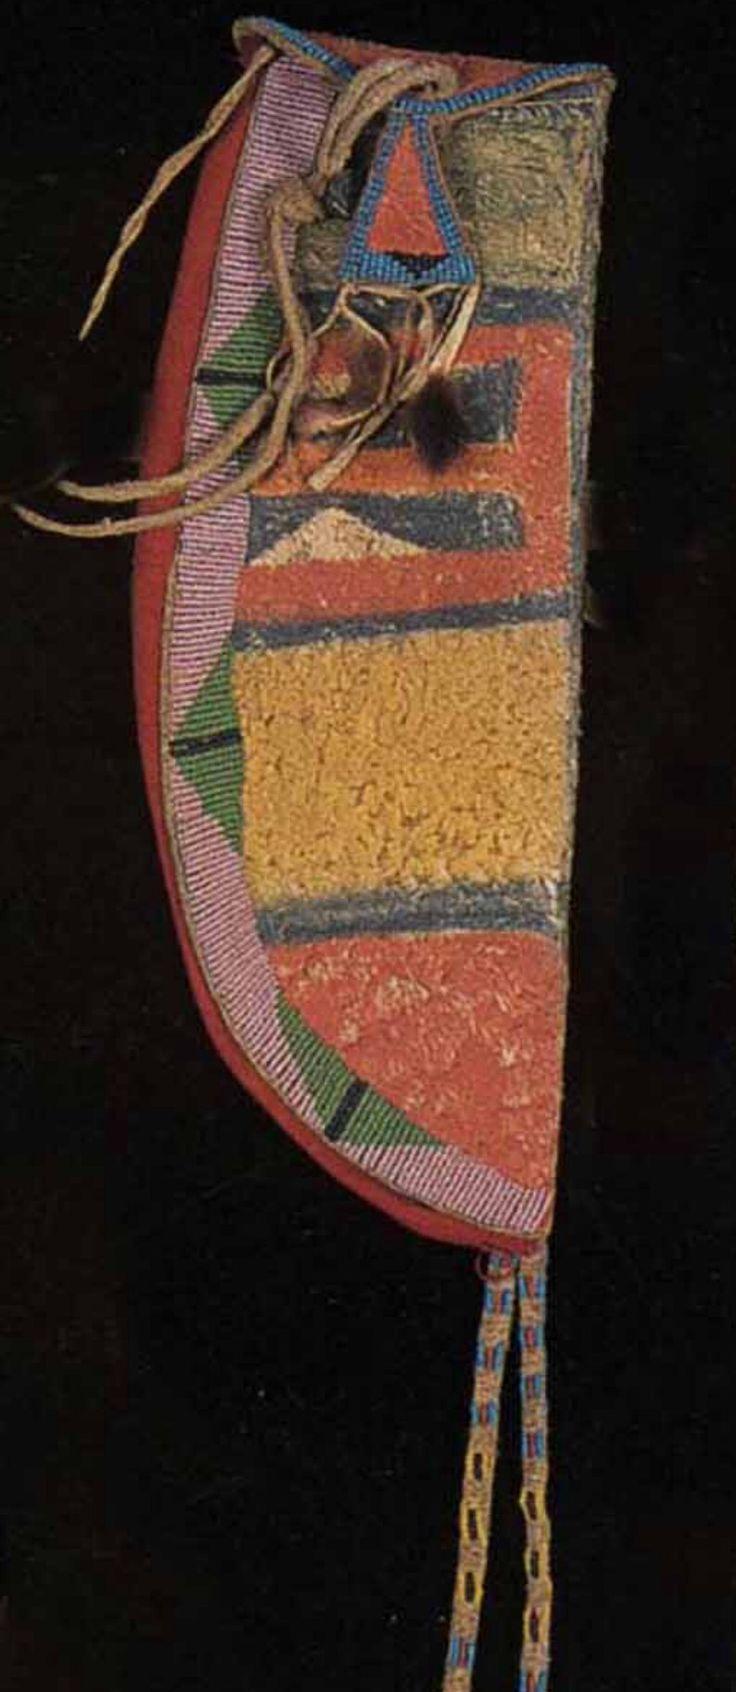 Ножны, Кроу. Деталь. Коллекция Fenn.  Период 1850-1875. Материалы: сыромятная кожа, краска, стеклянный бисер, красная шерсть, кожа, шкура выдры, красная и синяя охра. Общая длина 16,5 дюймов. Splendid Heritage.